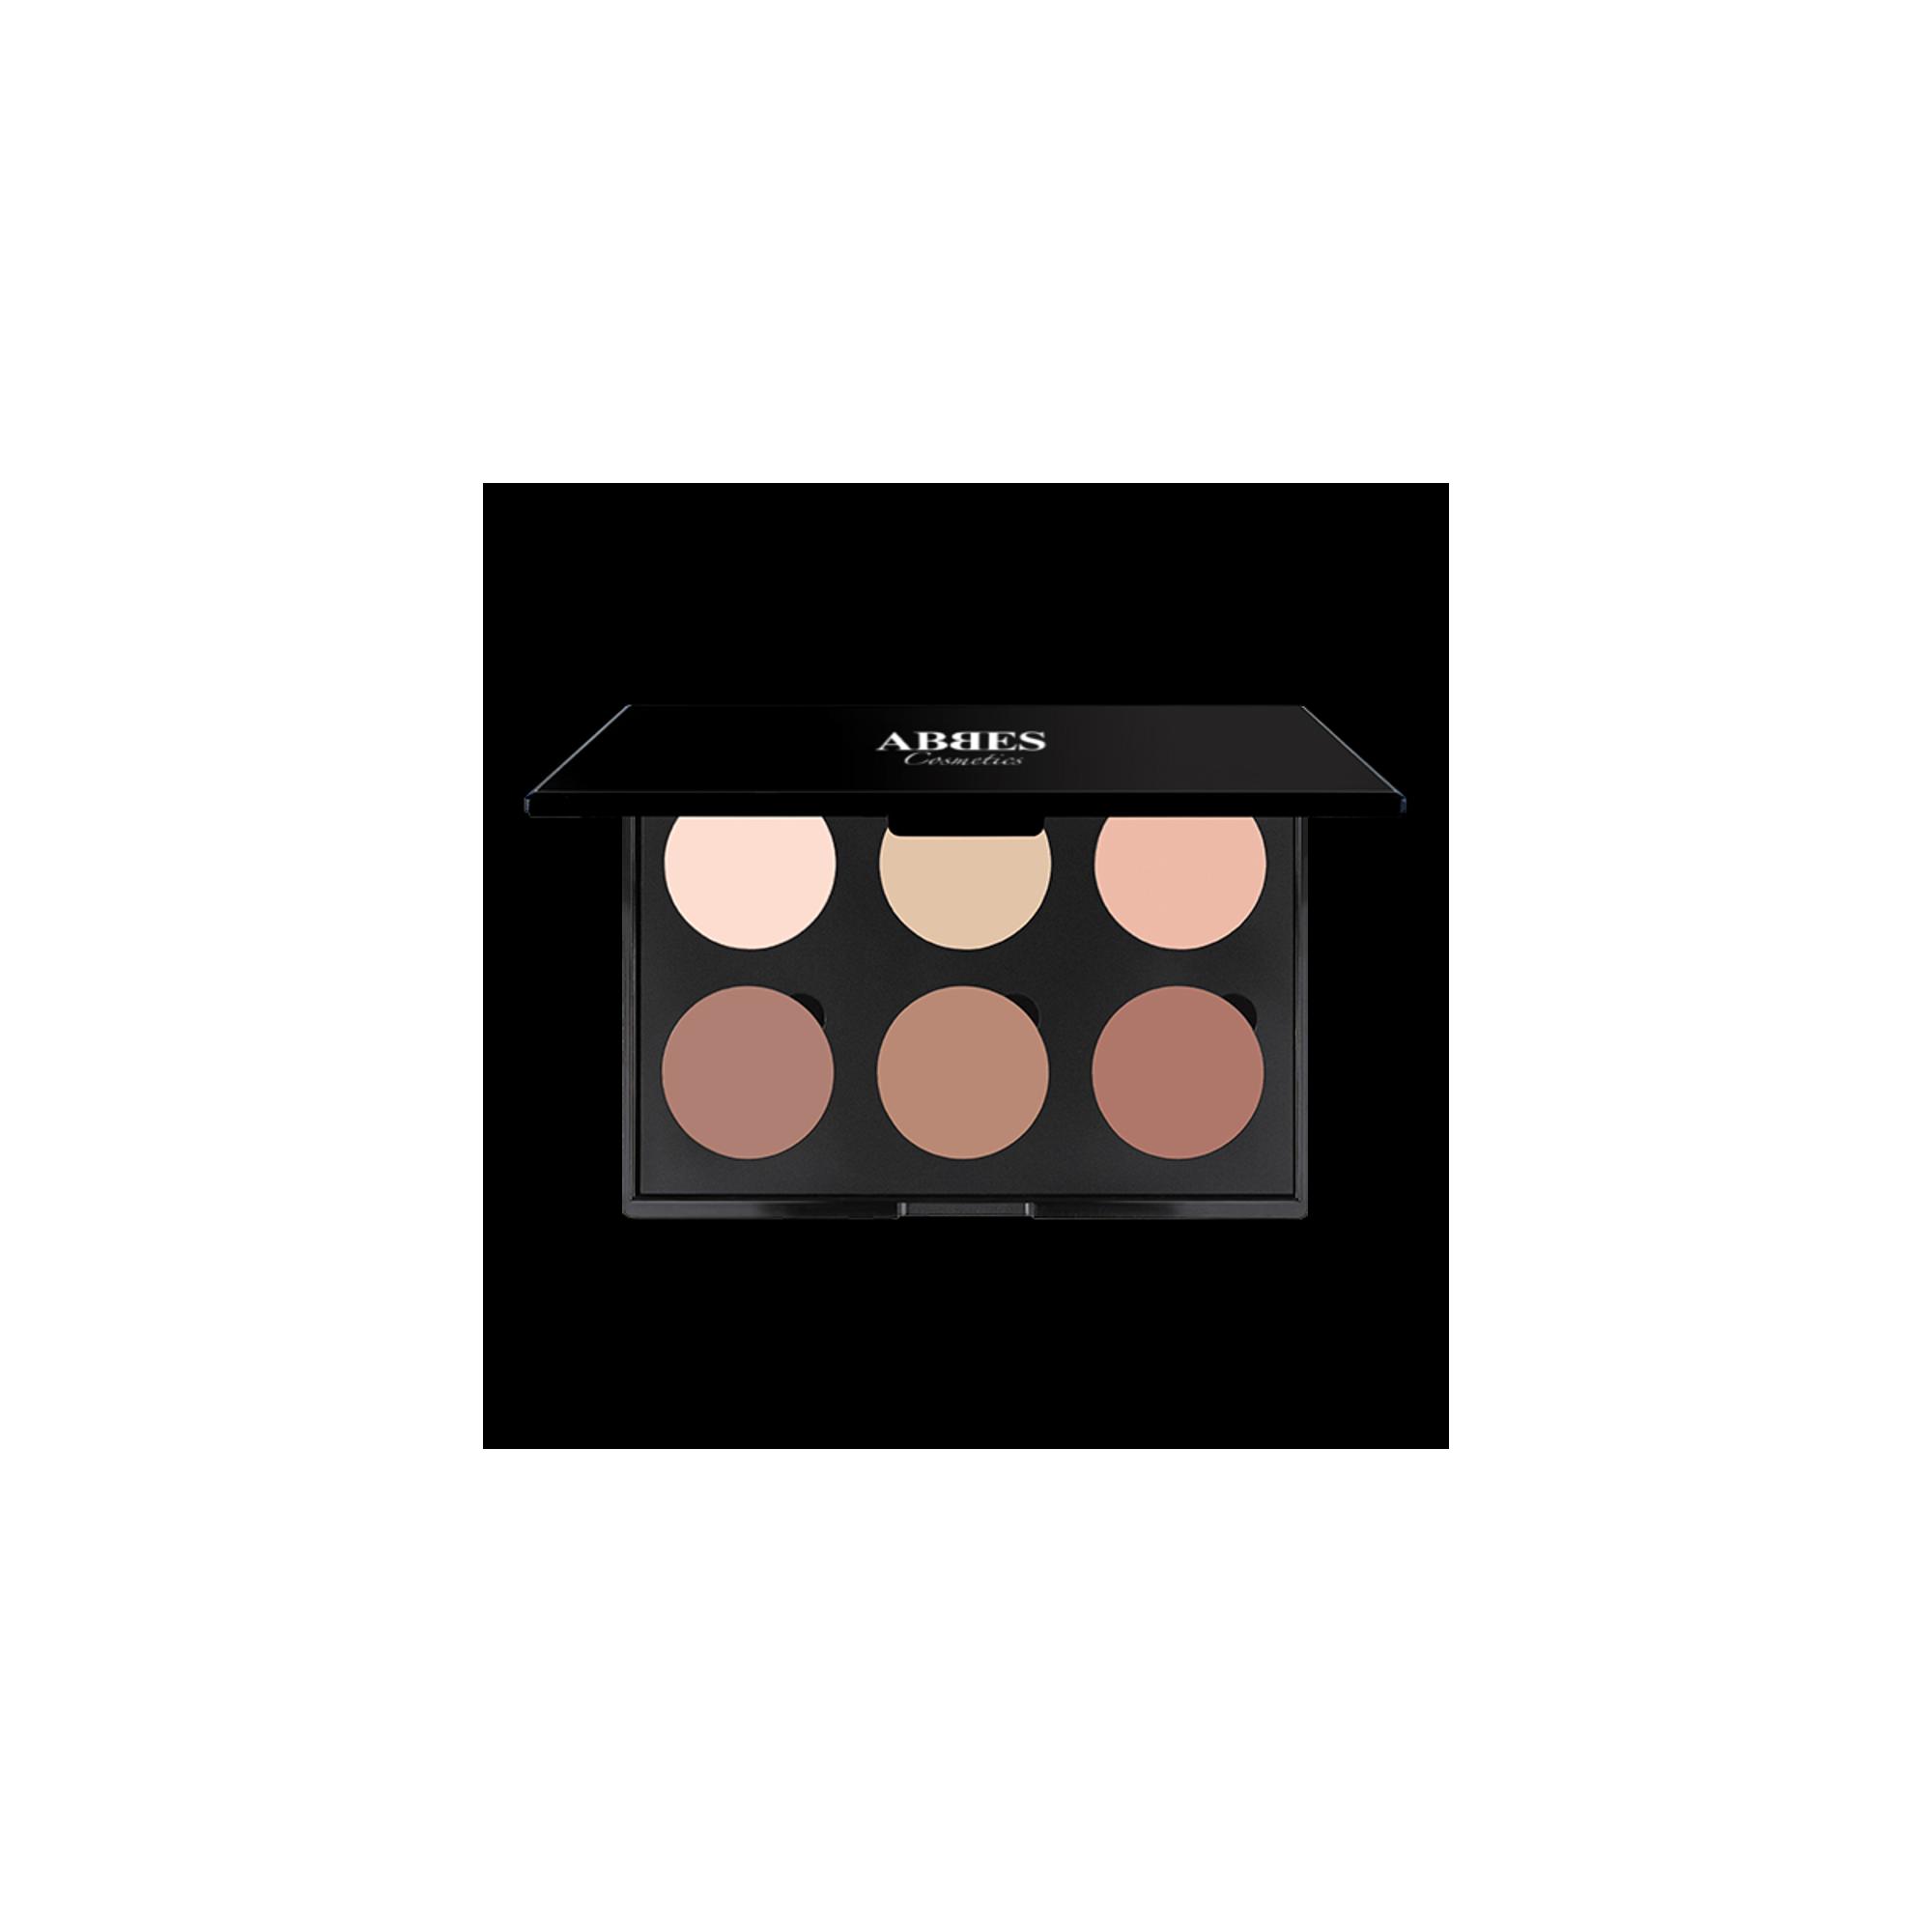 Abbes Cosmetics Contour Powder Palette Light